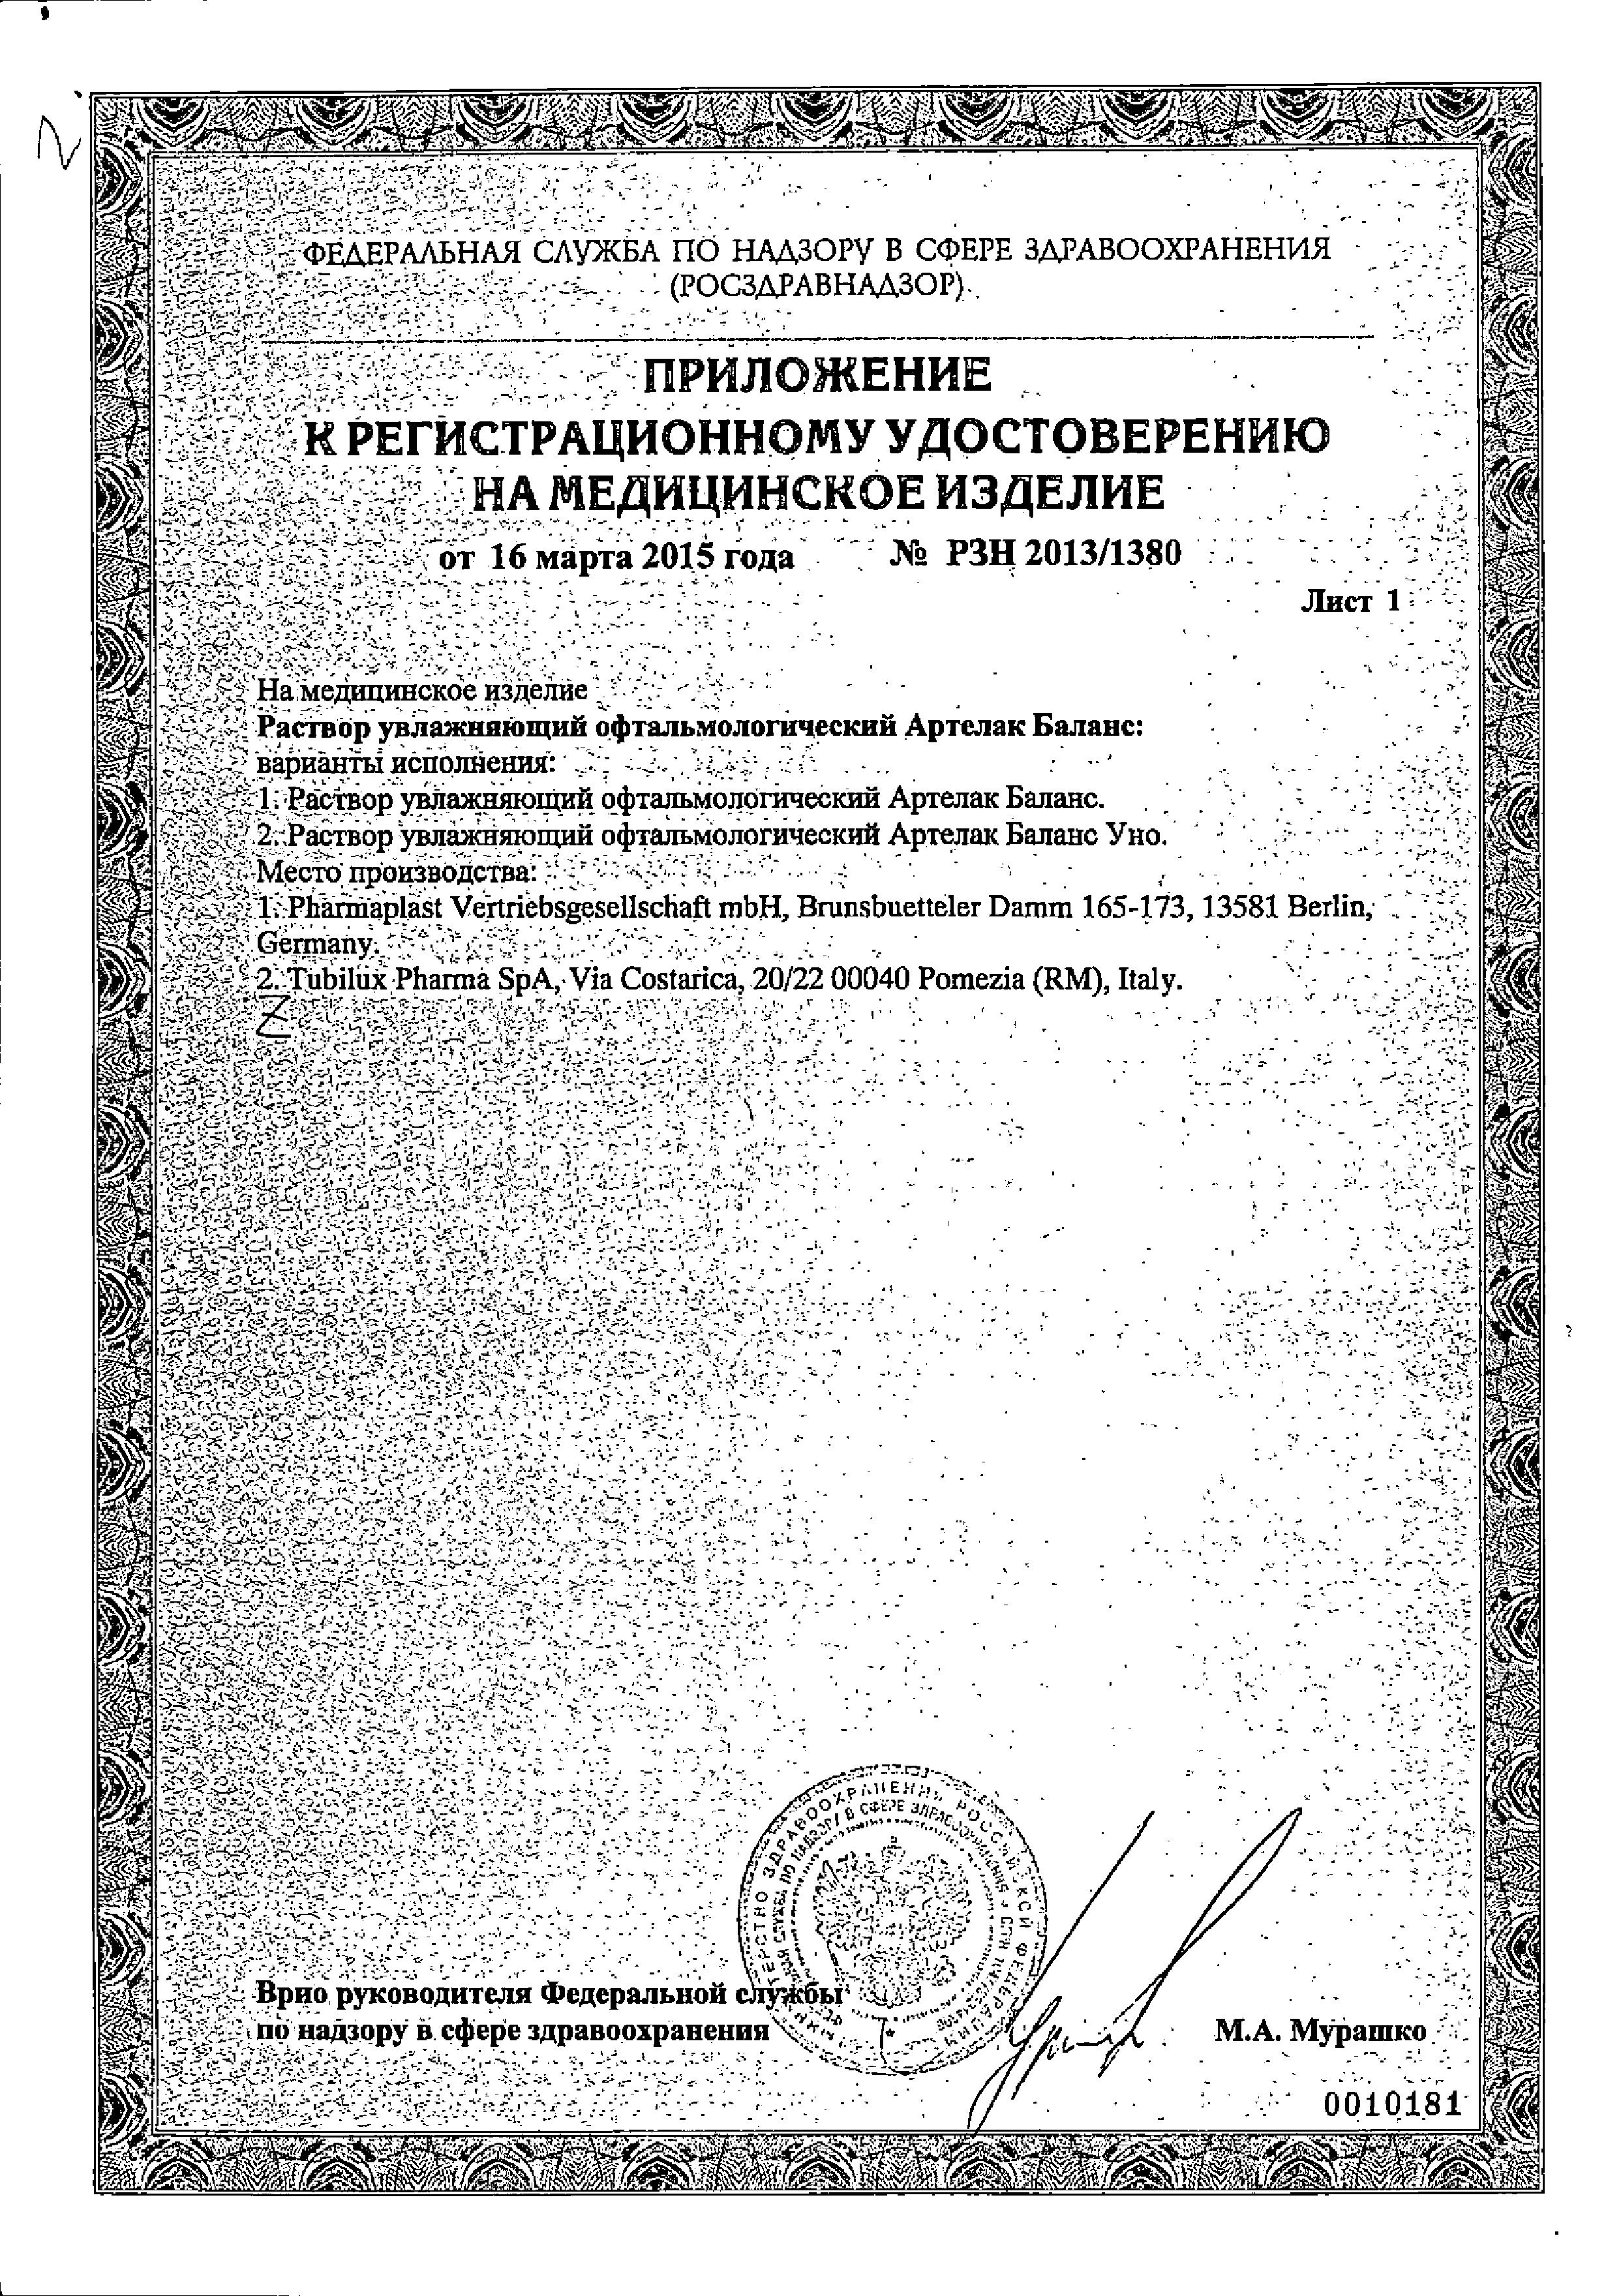 Артелак Баланс Уно раствор увлажняющий офтальмологический сертификат